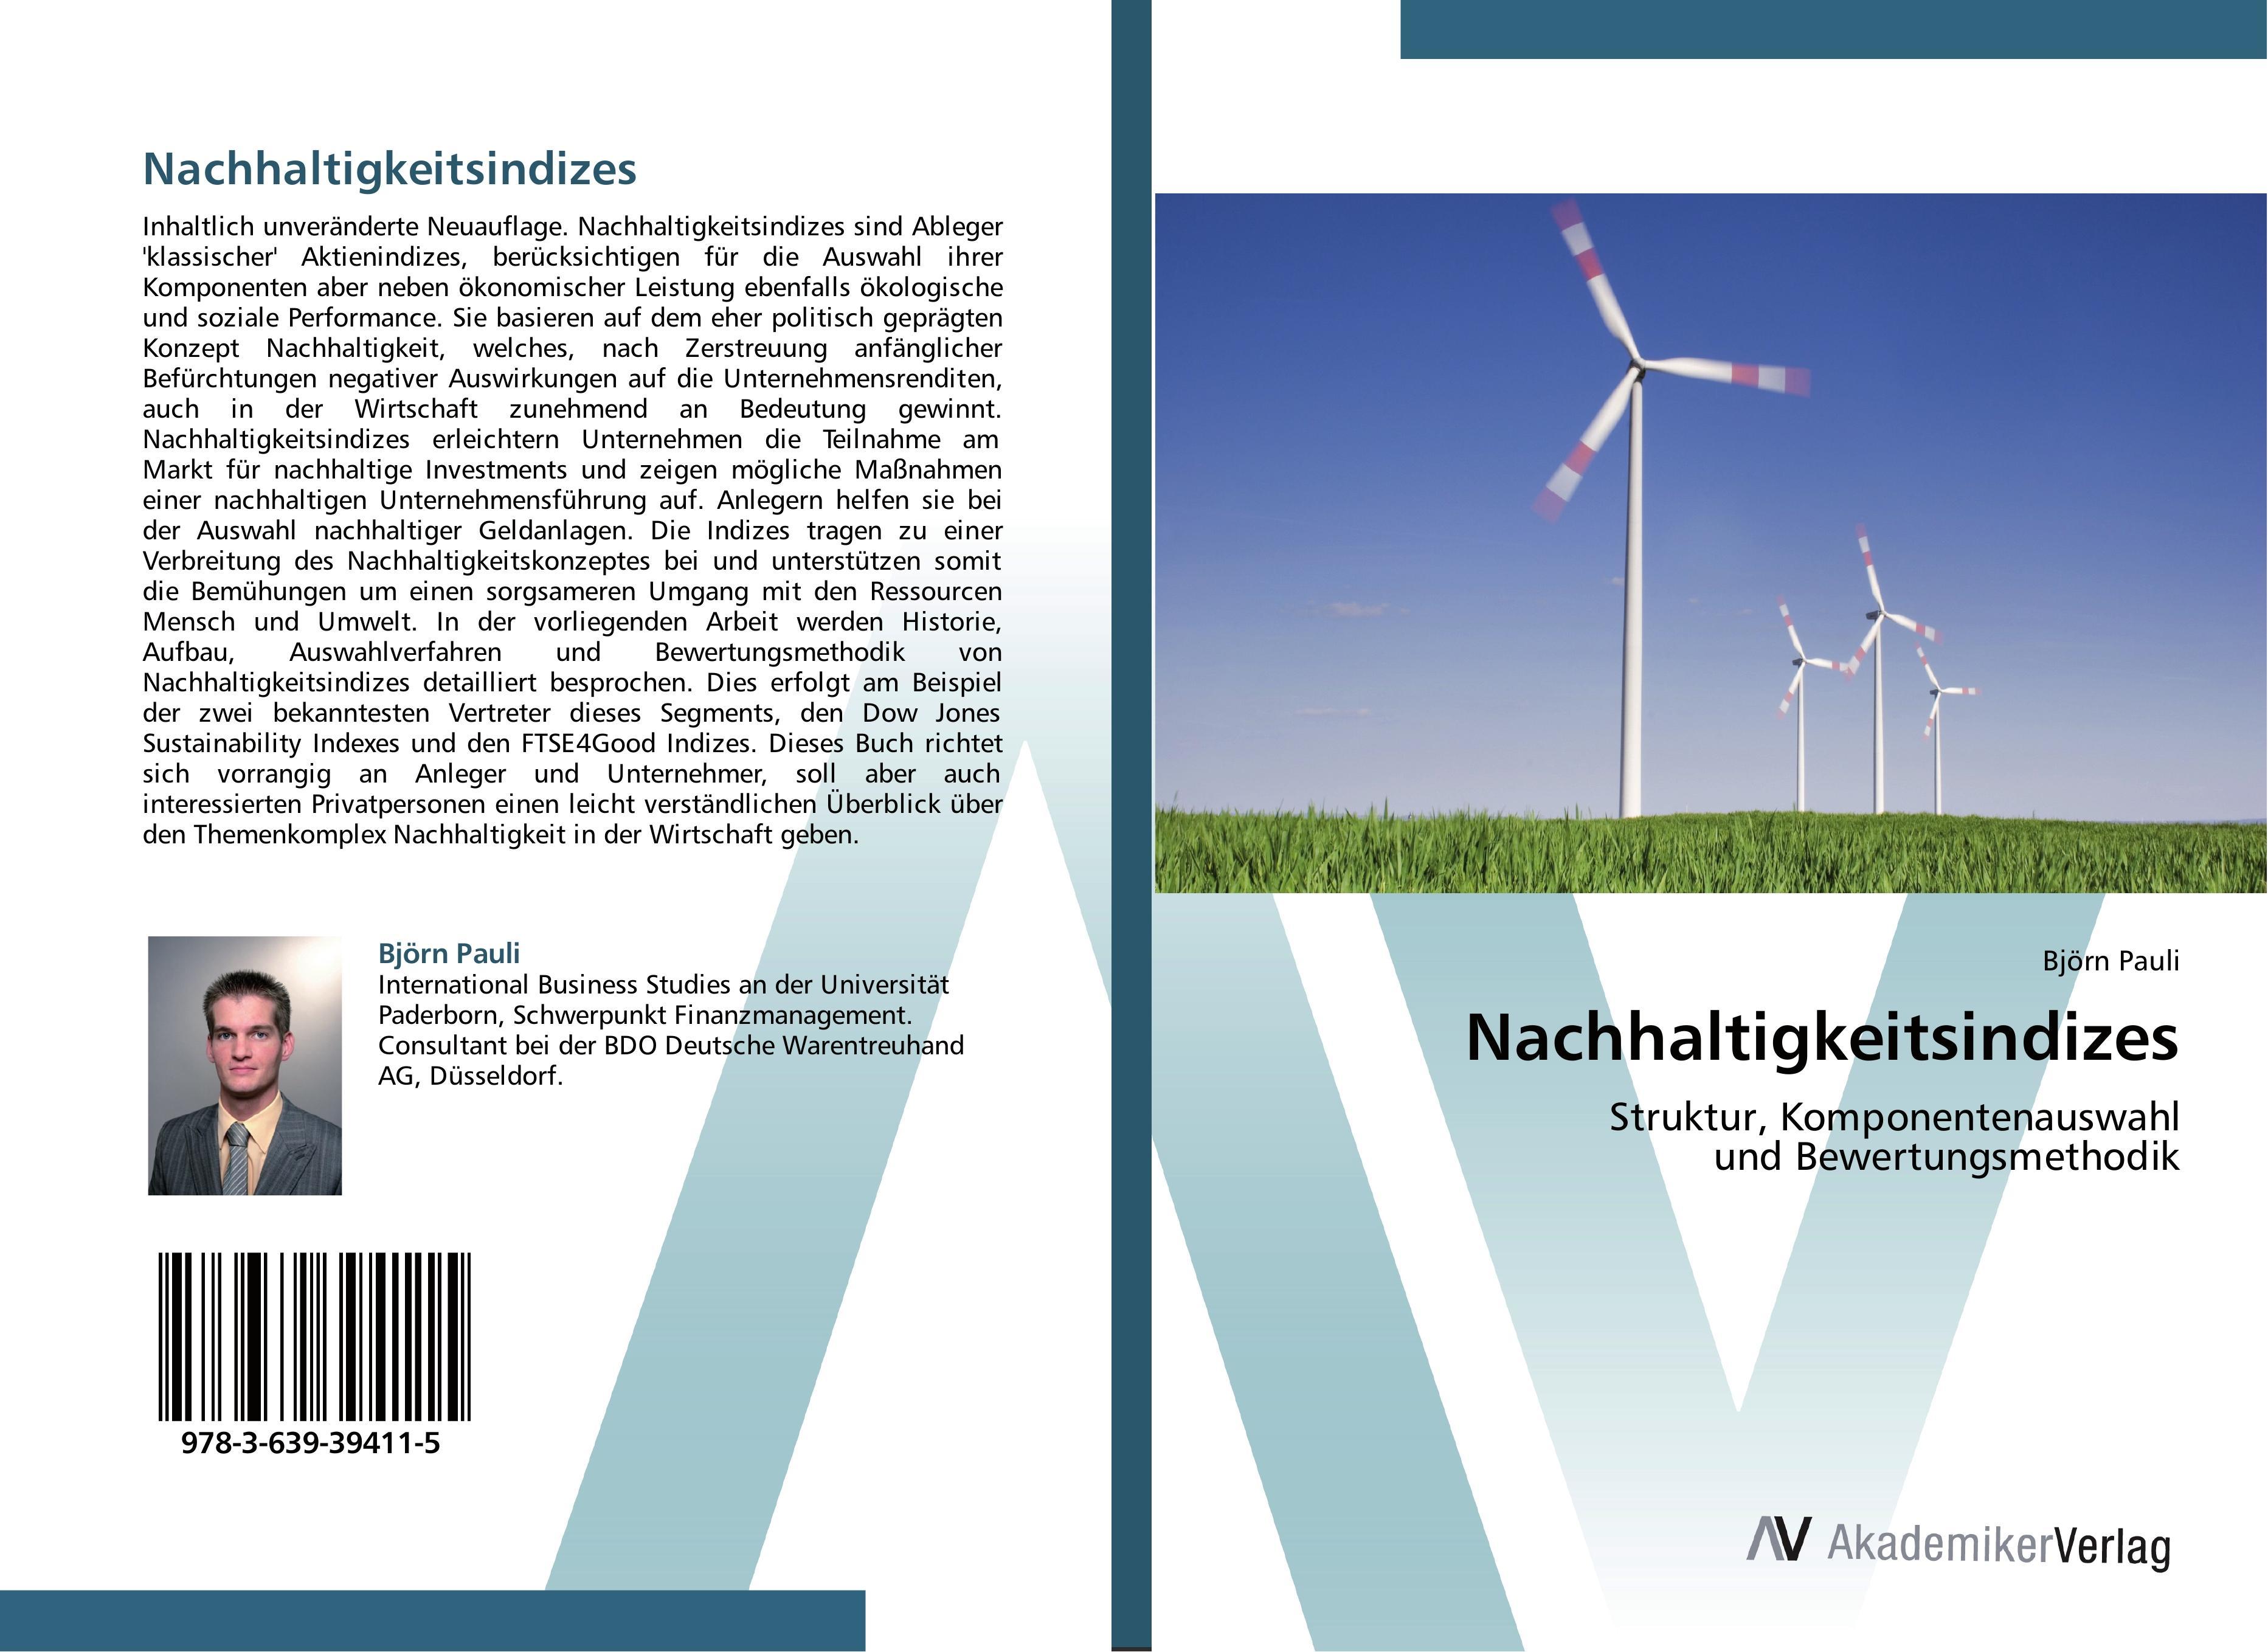 Nachhaltigkeitsindizes  Struktur, Komponentenauswahl und Bewertungsmethodik  Björn Pauli  Taschenbuch  Paperback  Deutsch  2013 - Pauli, Björn